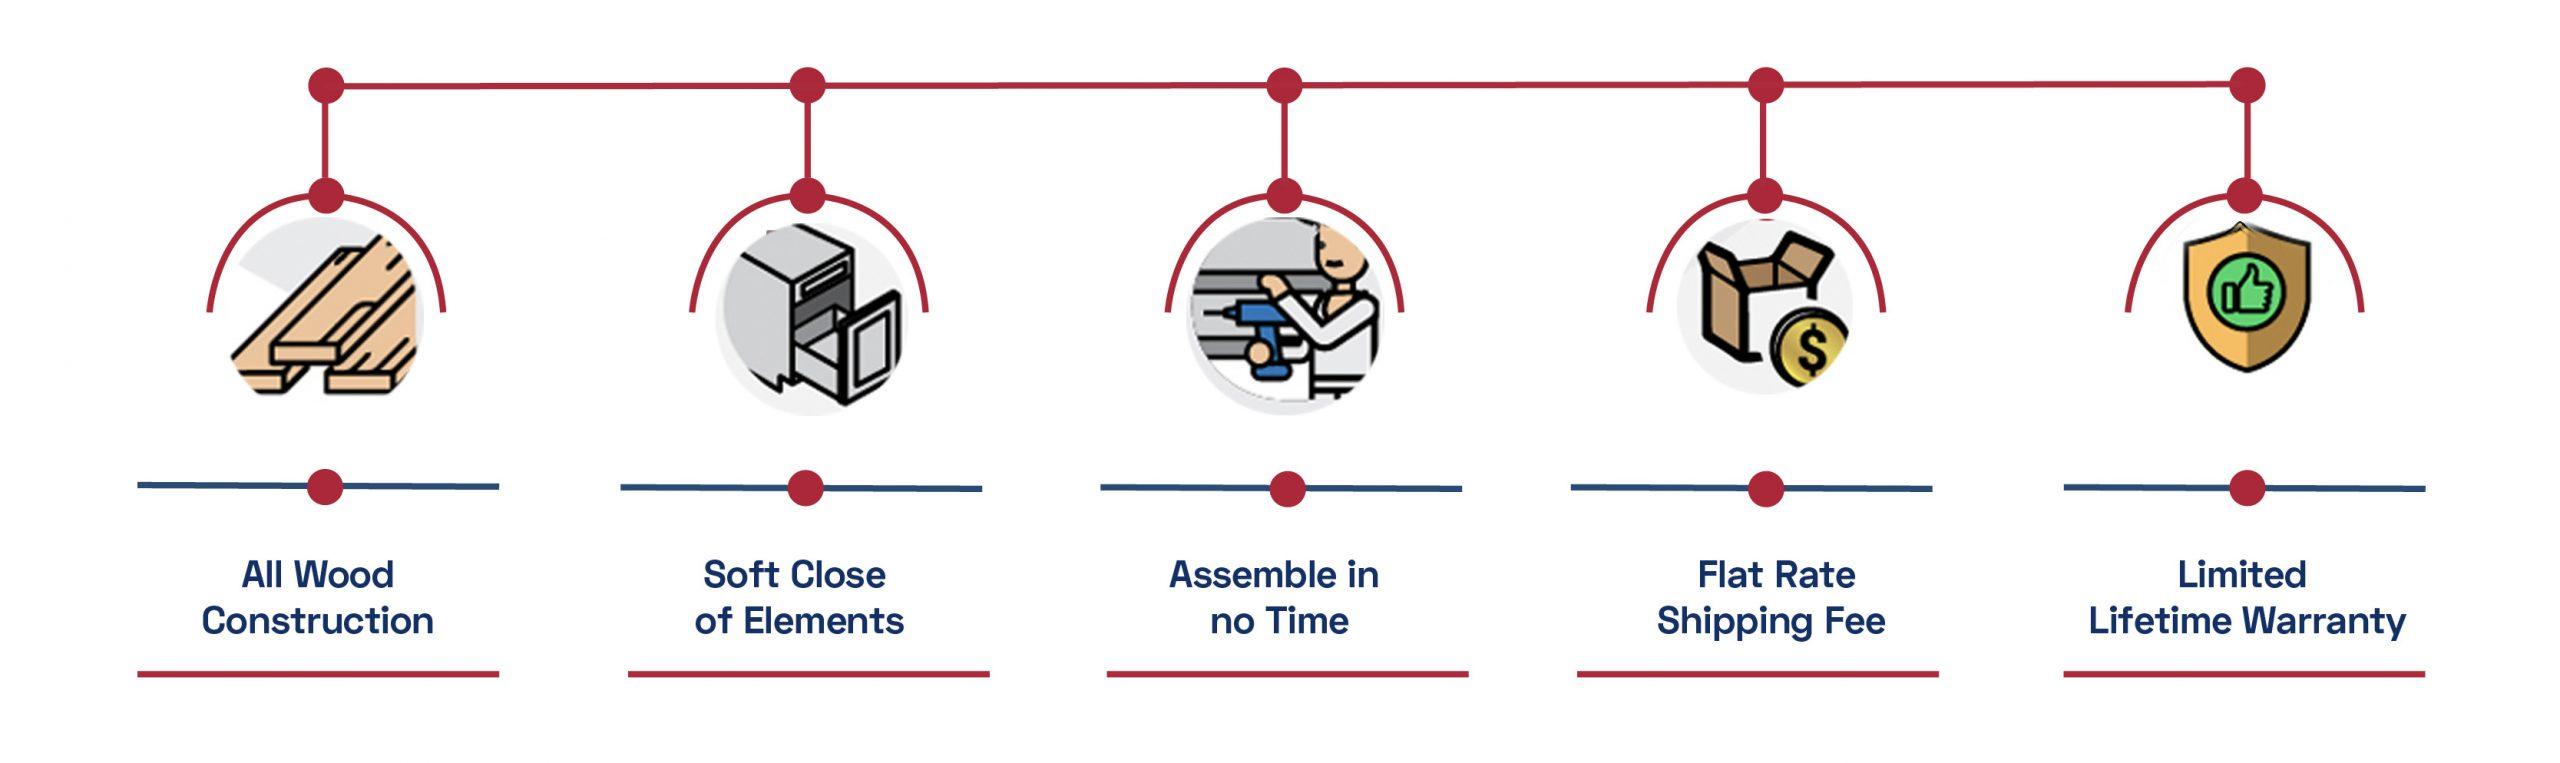 assemble-elements